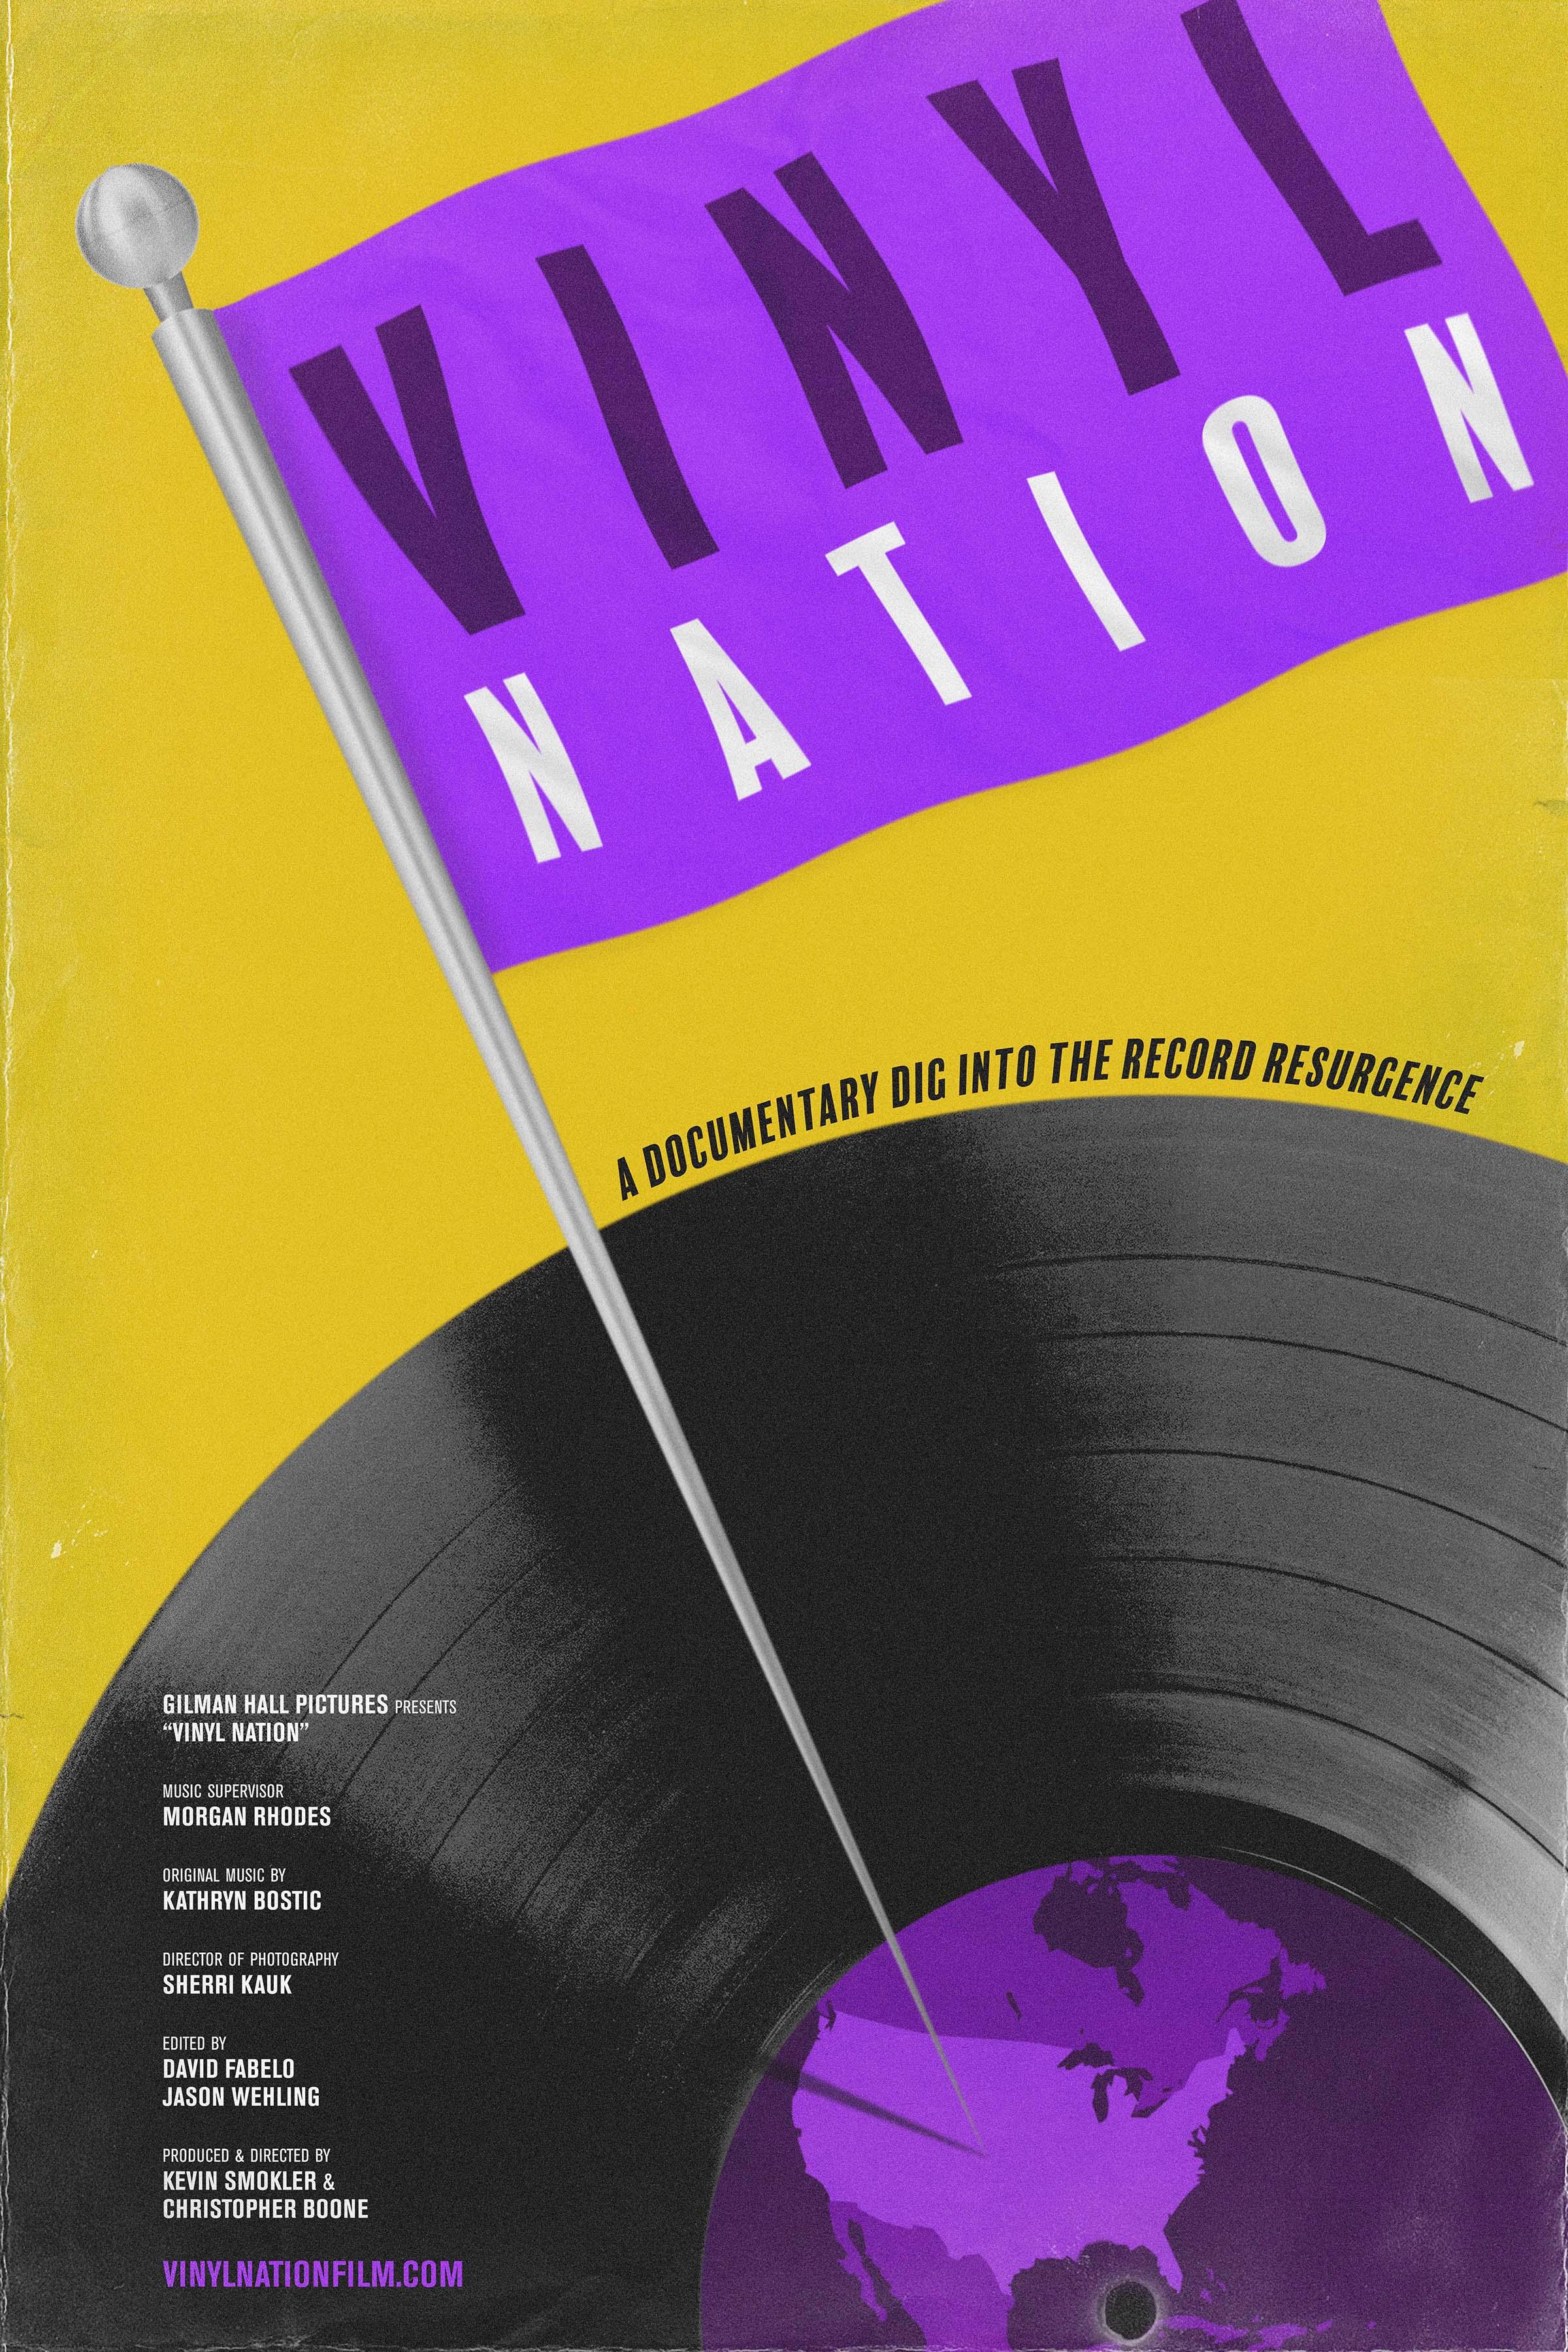 Vinyl Nation poster